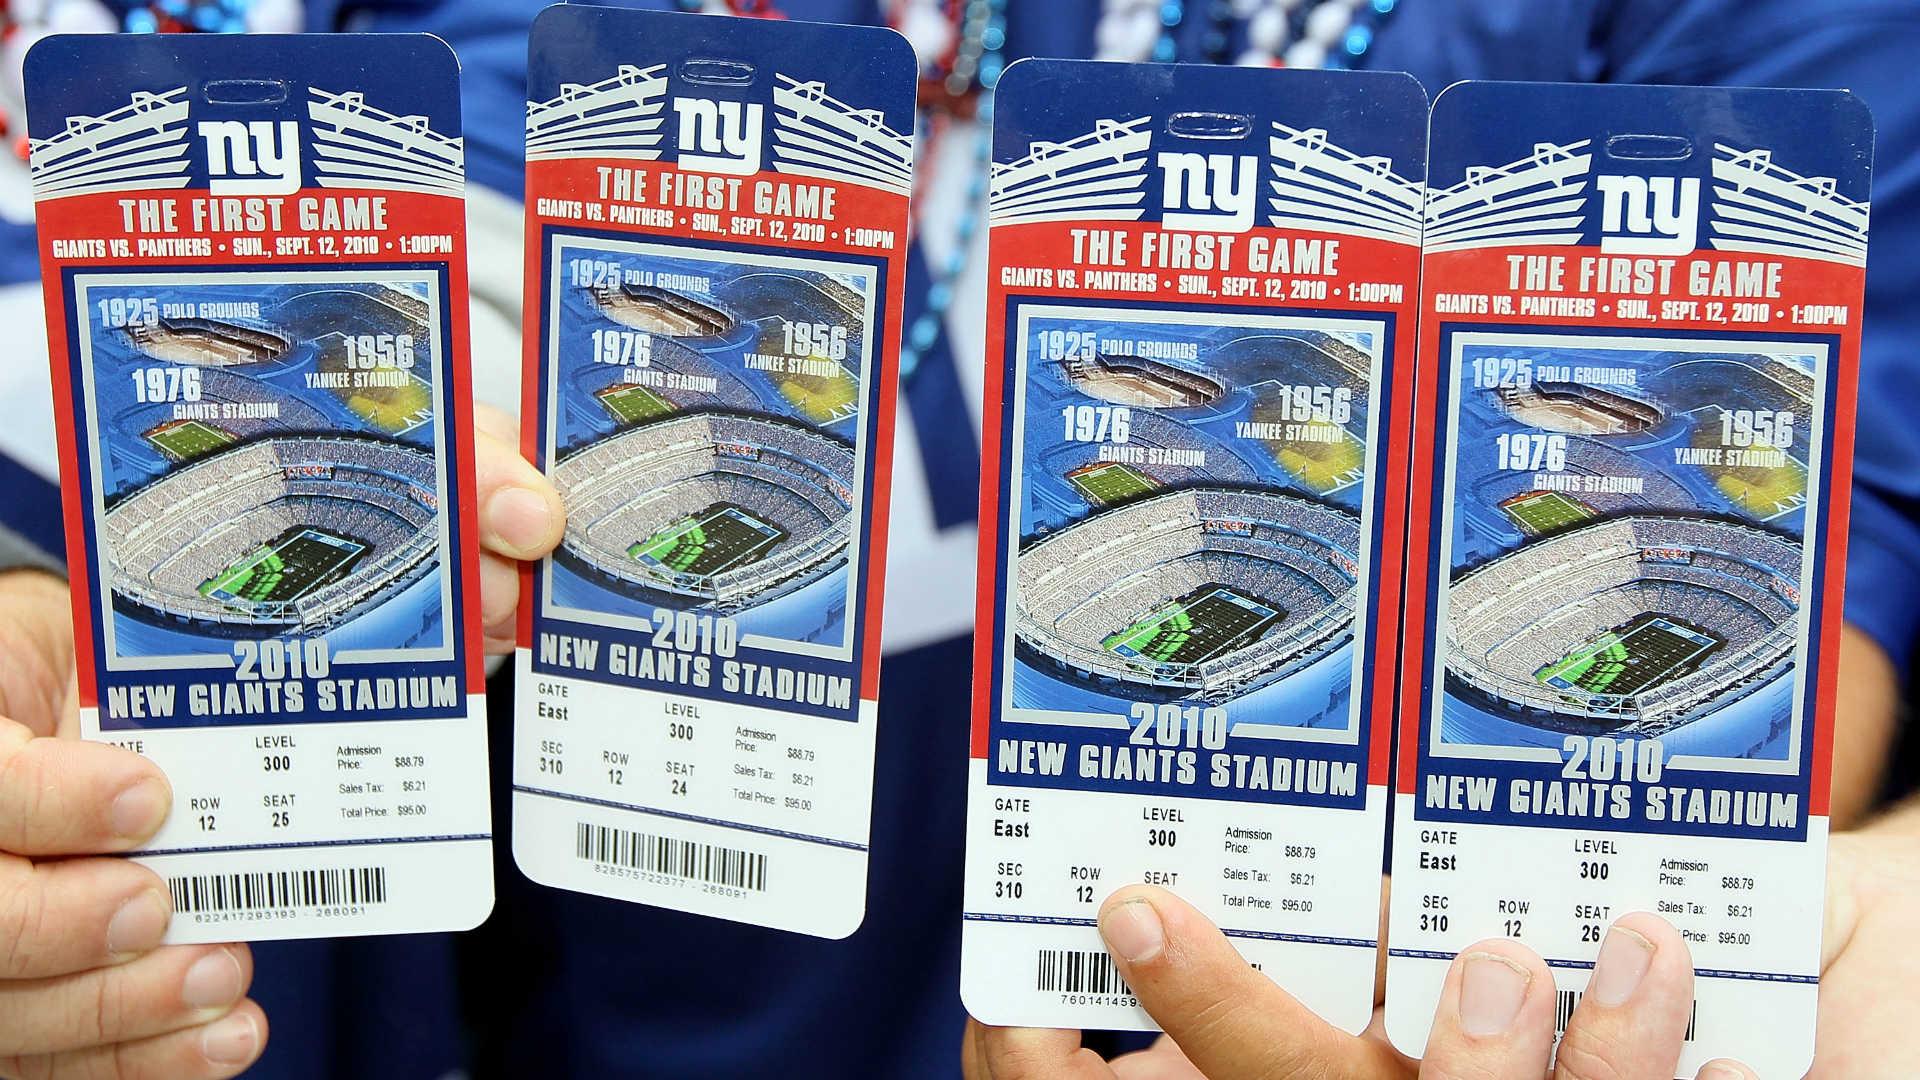 Il costo di un biglietto per una partita NFL